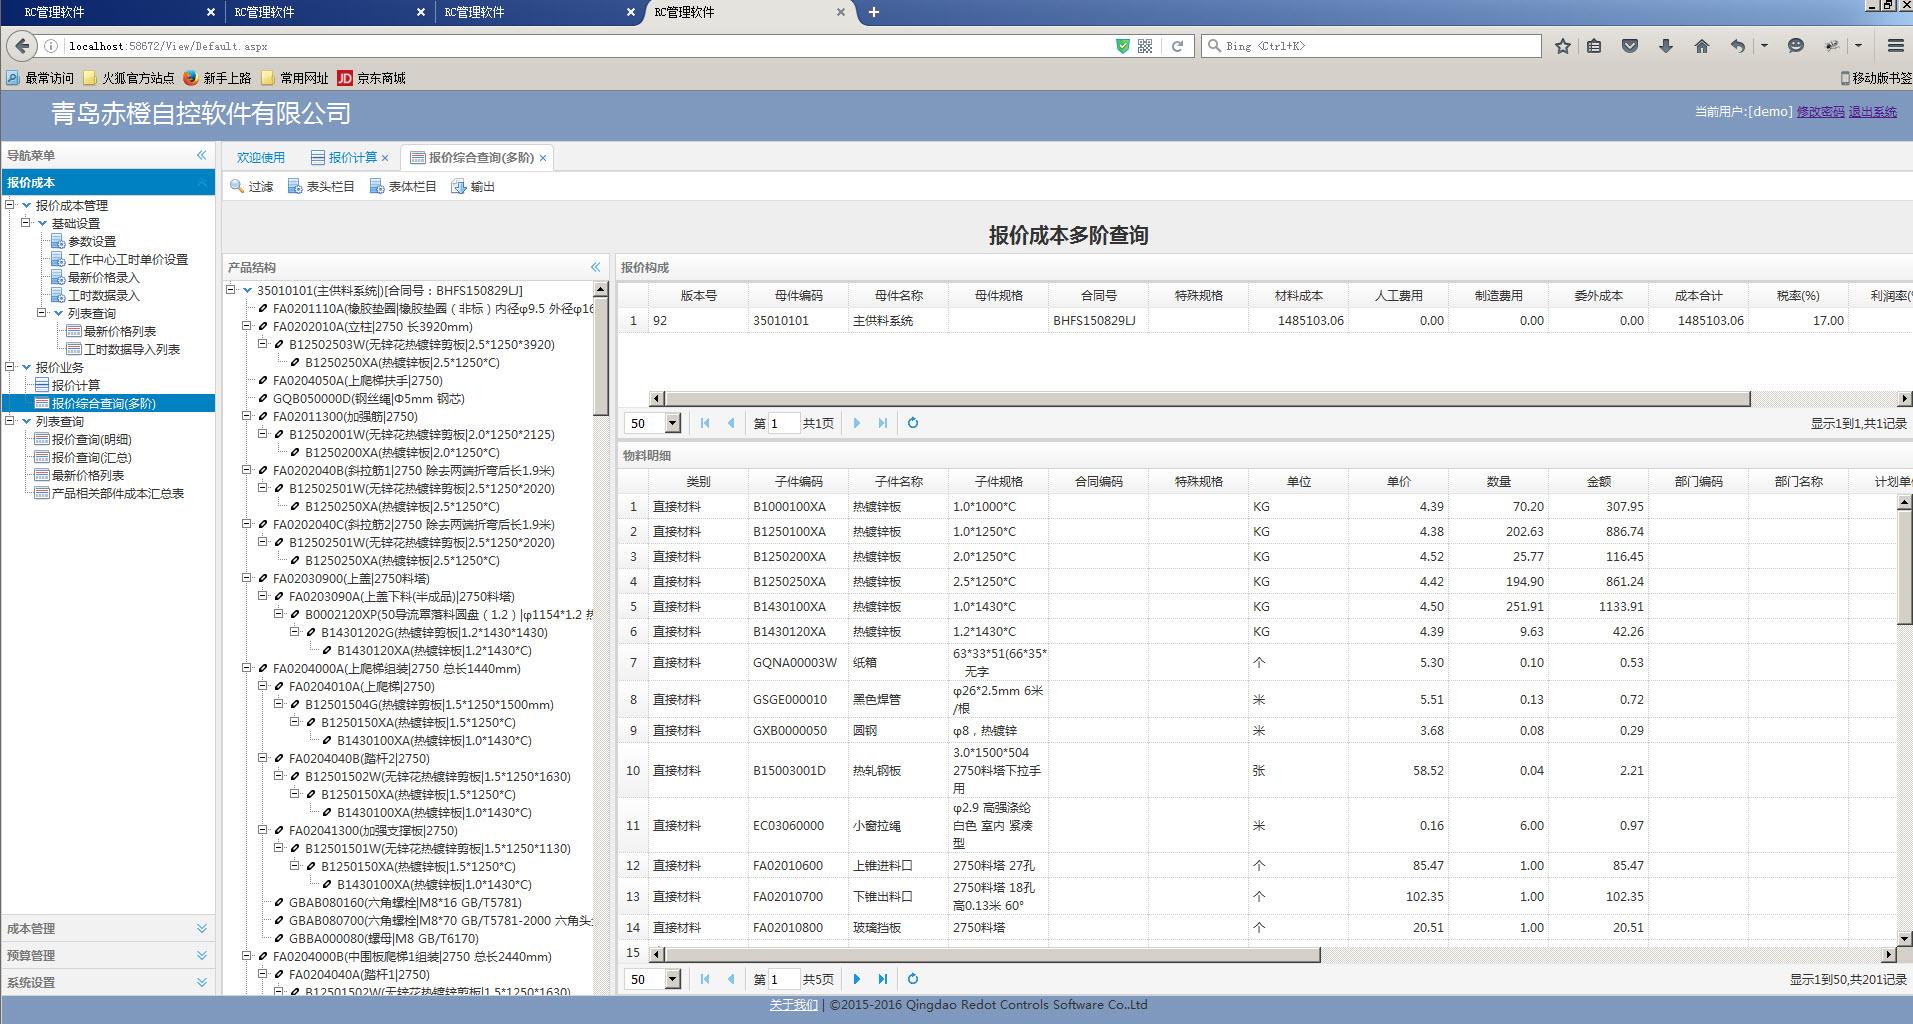 乐虎国际e68-[乐虎国际网站]RC销售报价管理系统(1.0)